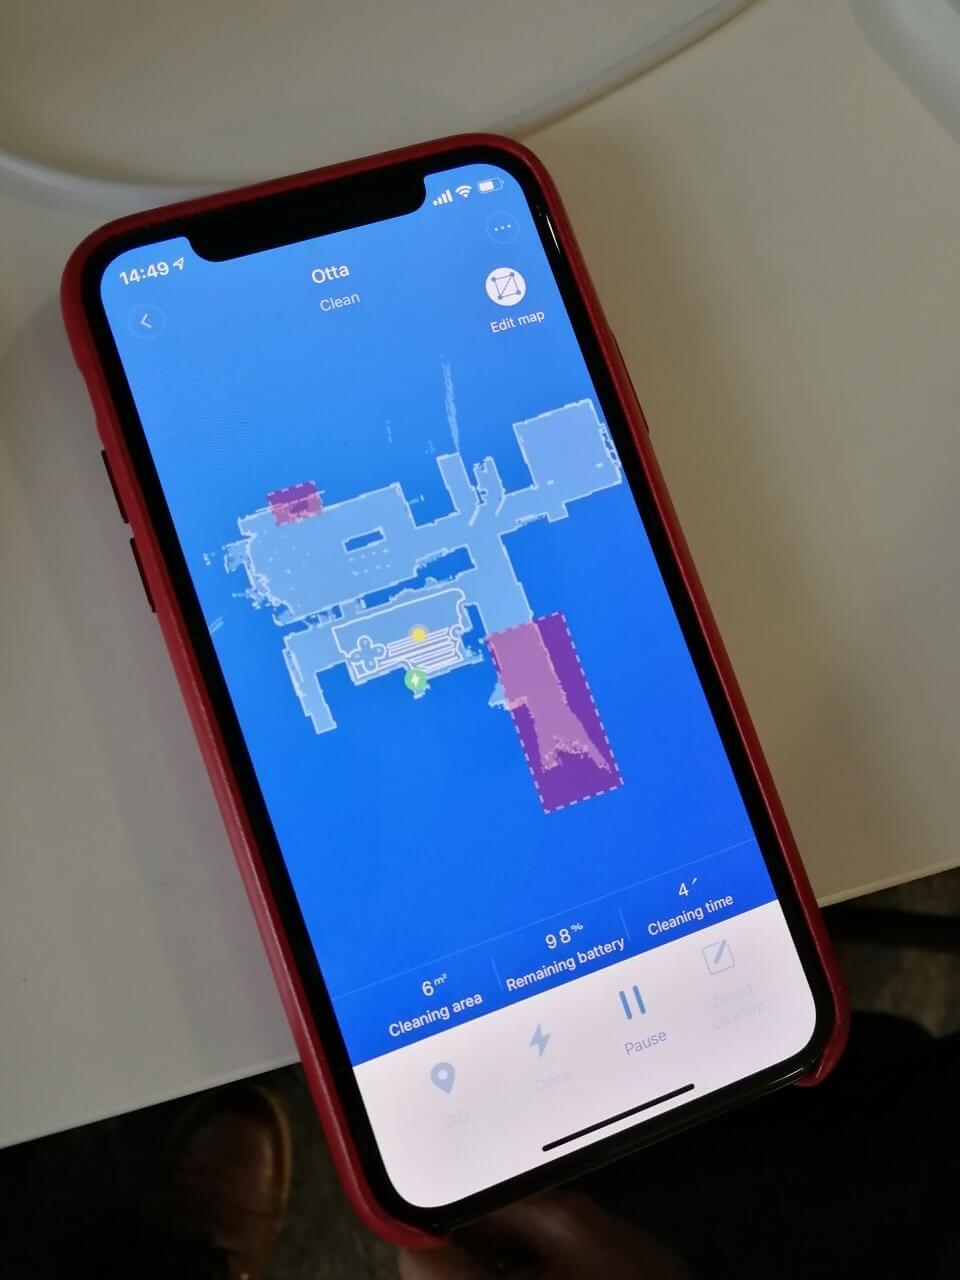 Jako jednu z inspirací jsem využil aplikaci pro sledování vysavače, kterou mi nedávno ukazoval kolega.